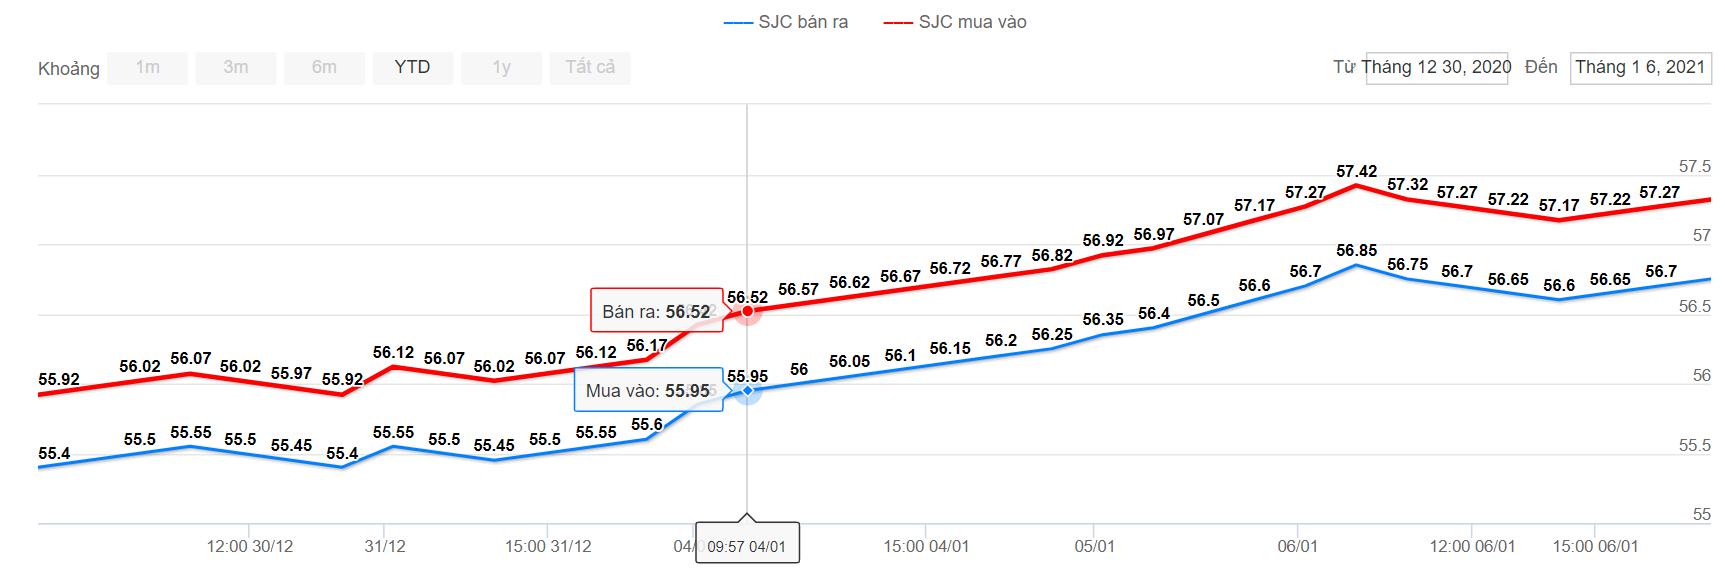 Giá vàng SJC tăng hơn 1 triệu đồng/lượng sau ba phiên tăng liên tiếp  - Ảnh 1.